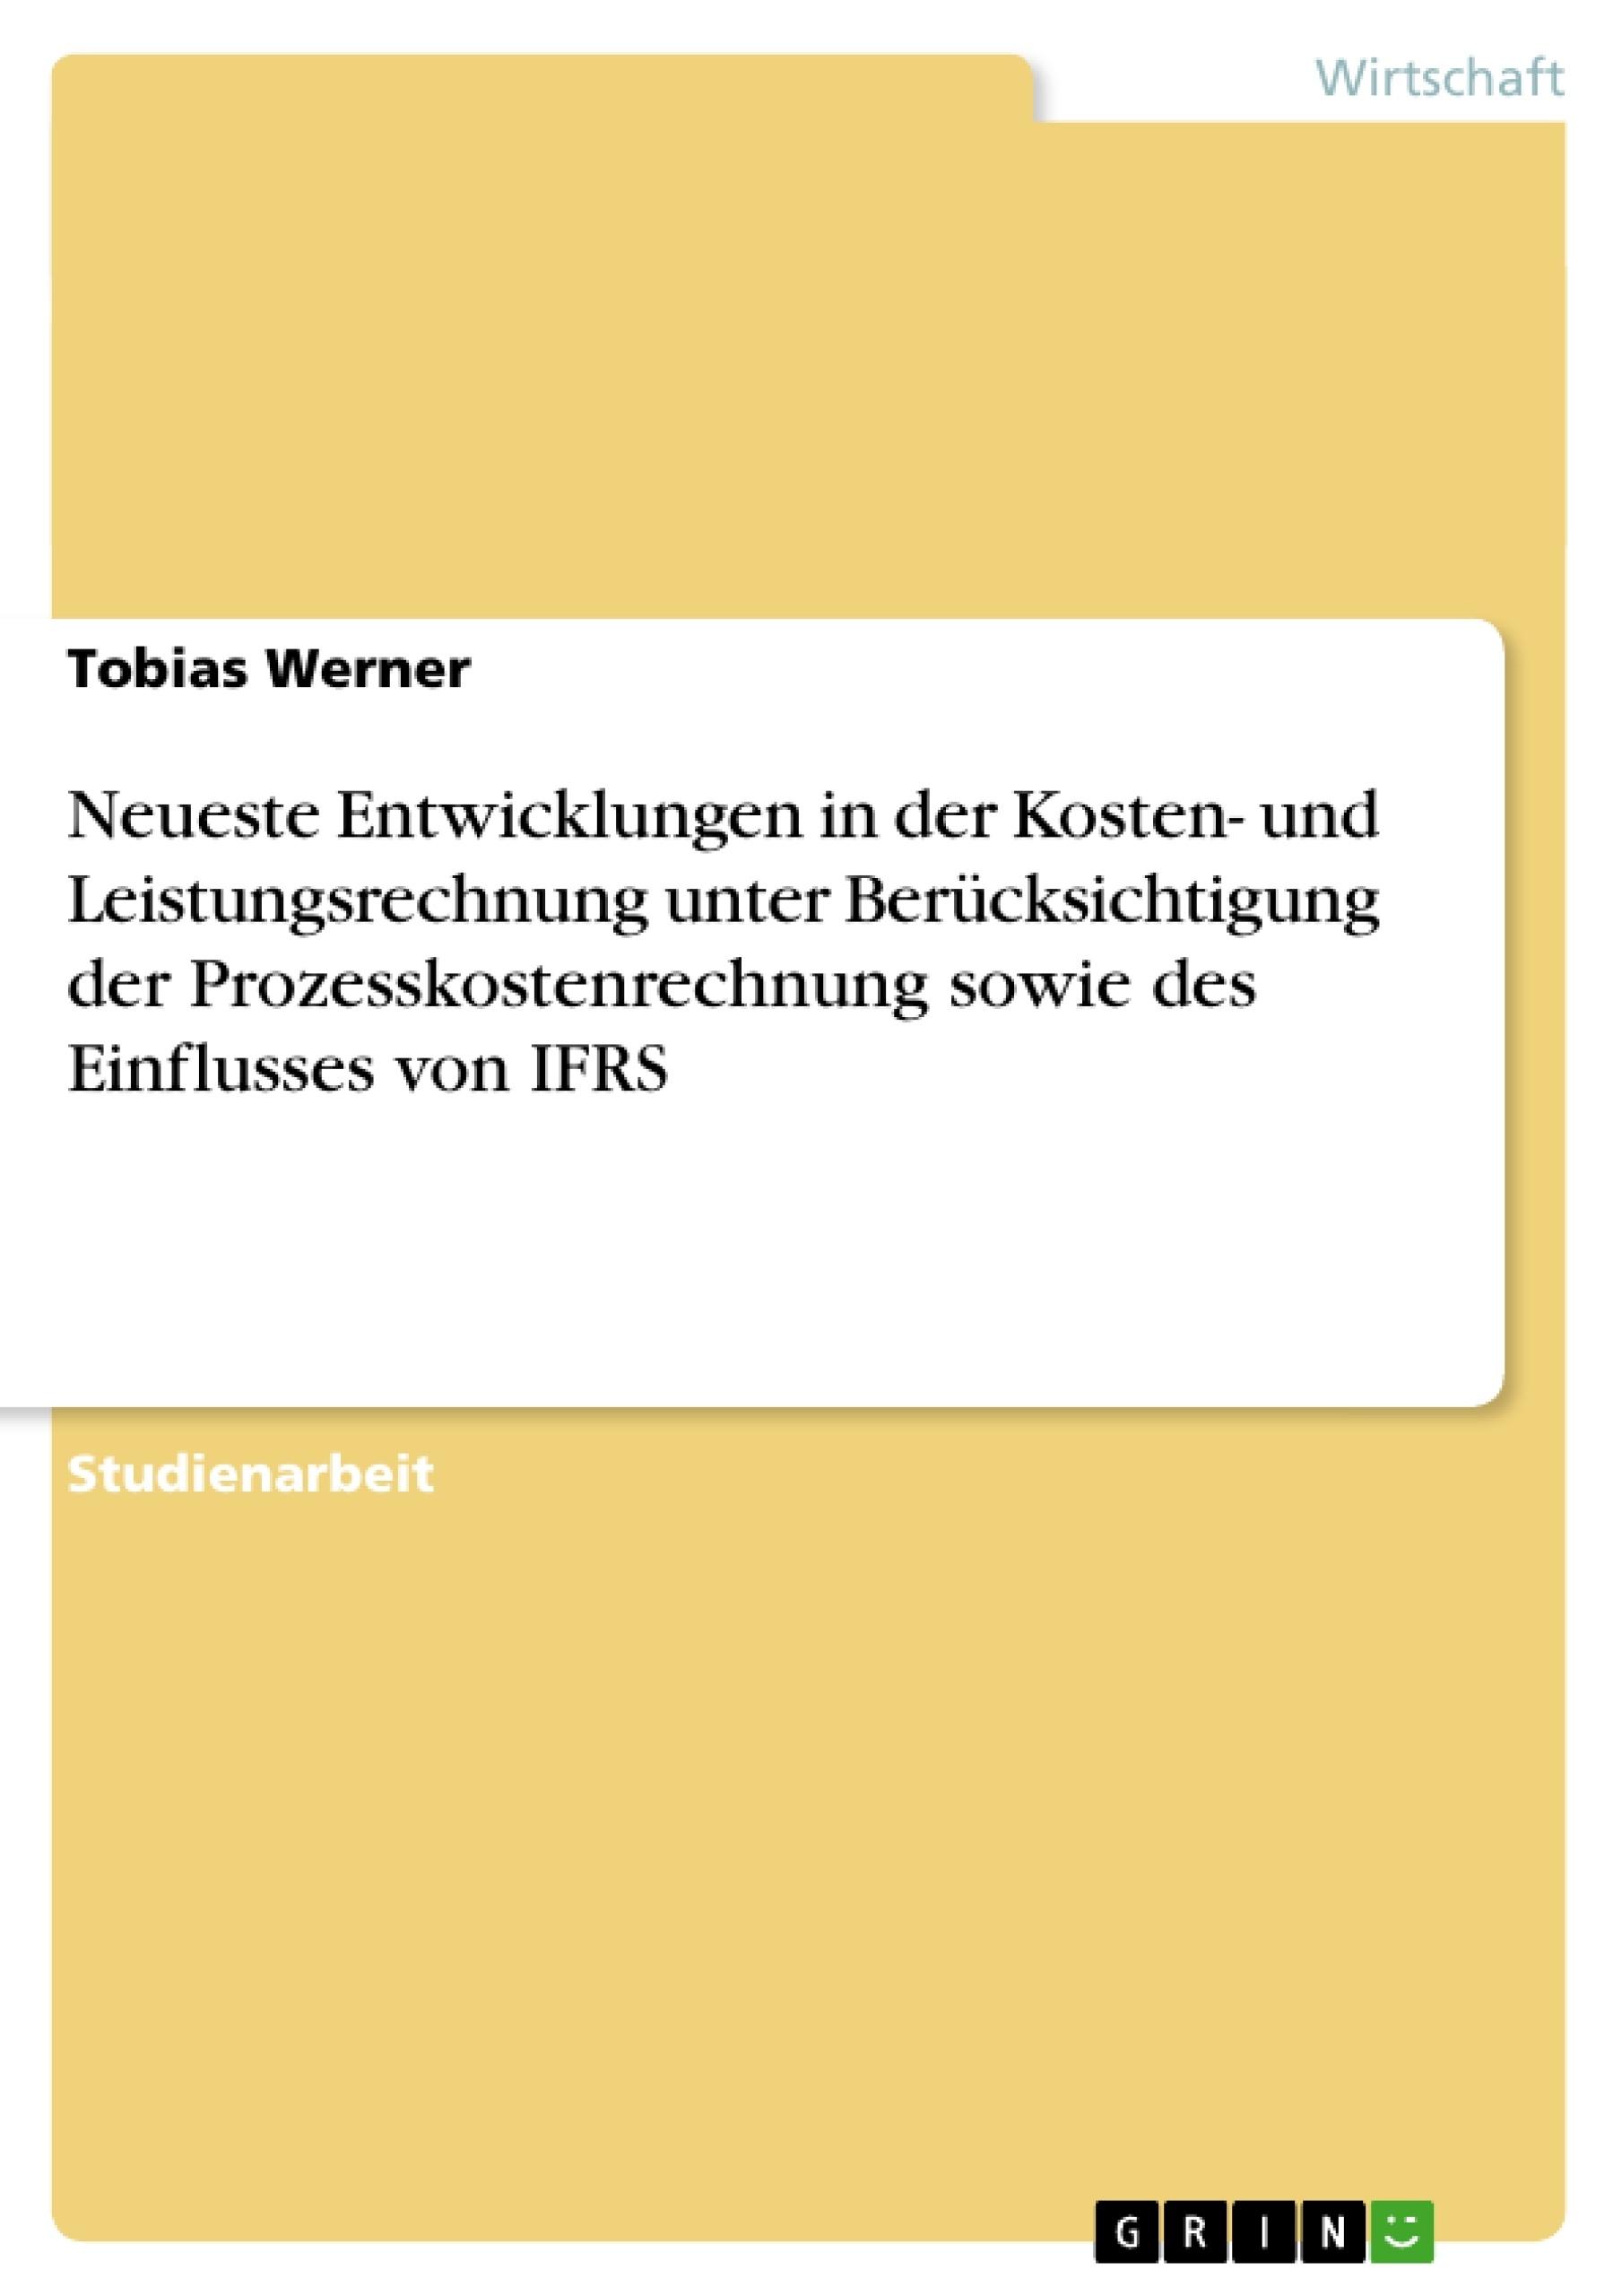 Titel: Neueste Entwicklungen in der Kosten- und Leistungsrechnung unter Berücksichtigung der Prozesskostenrechnung sowie des Einflusses von IFRS